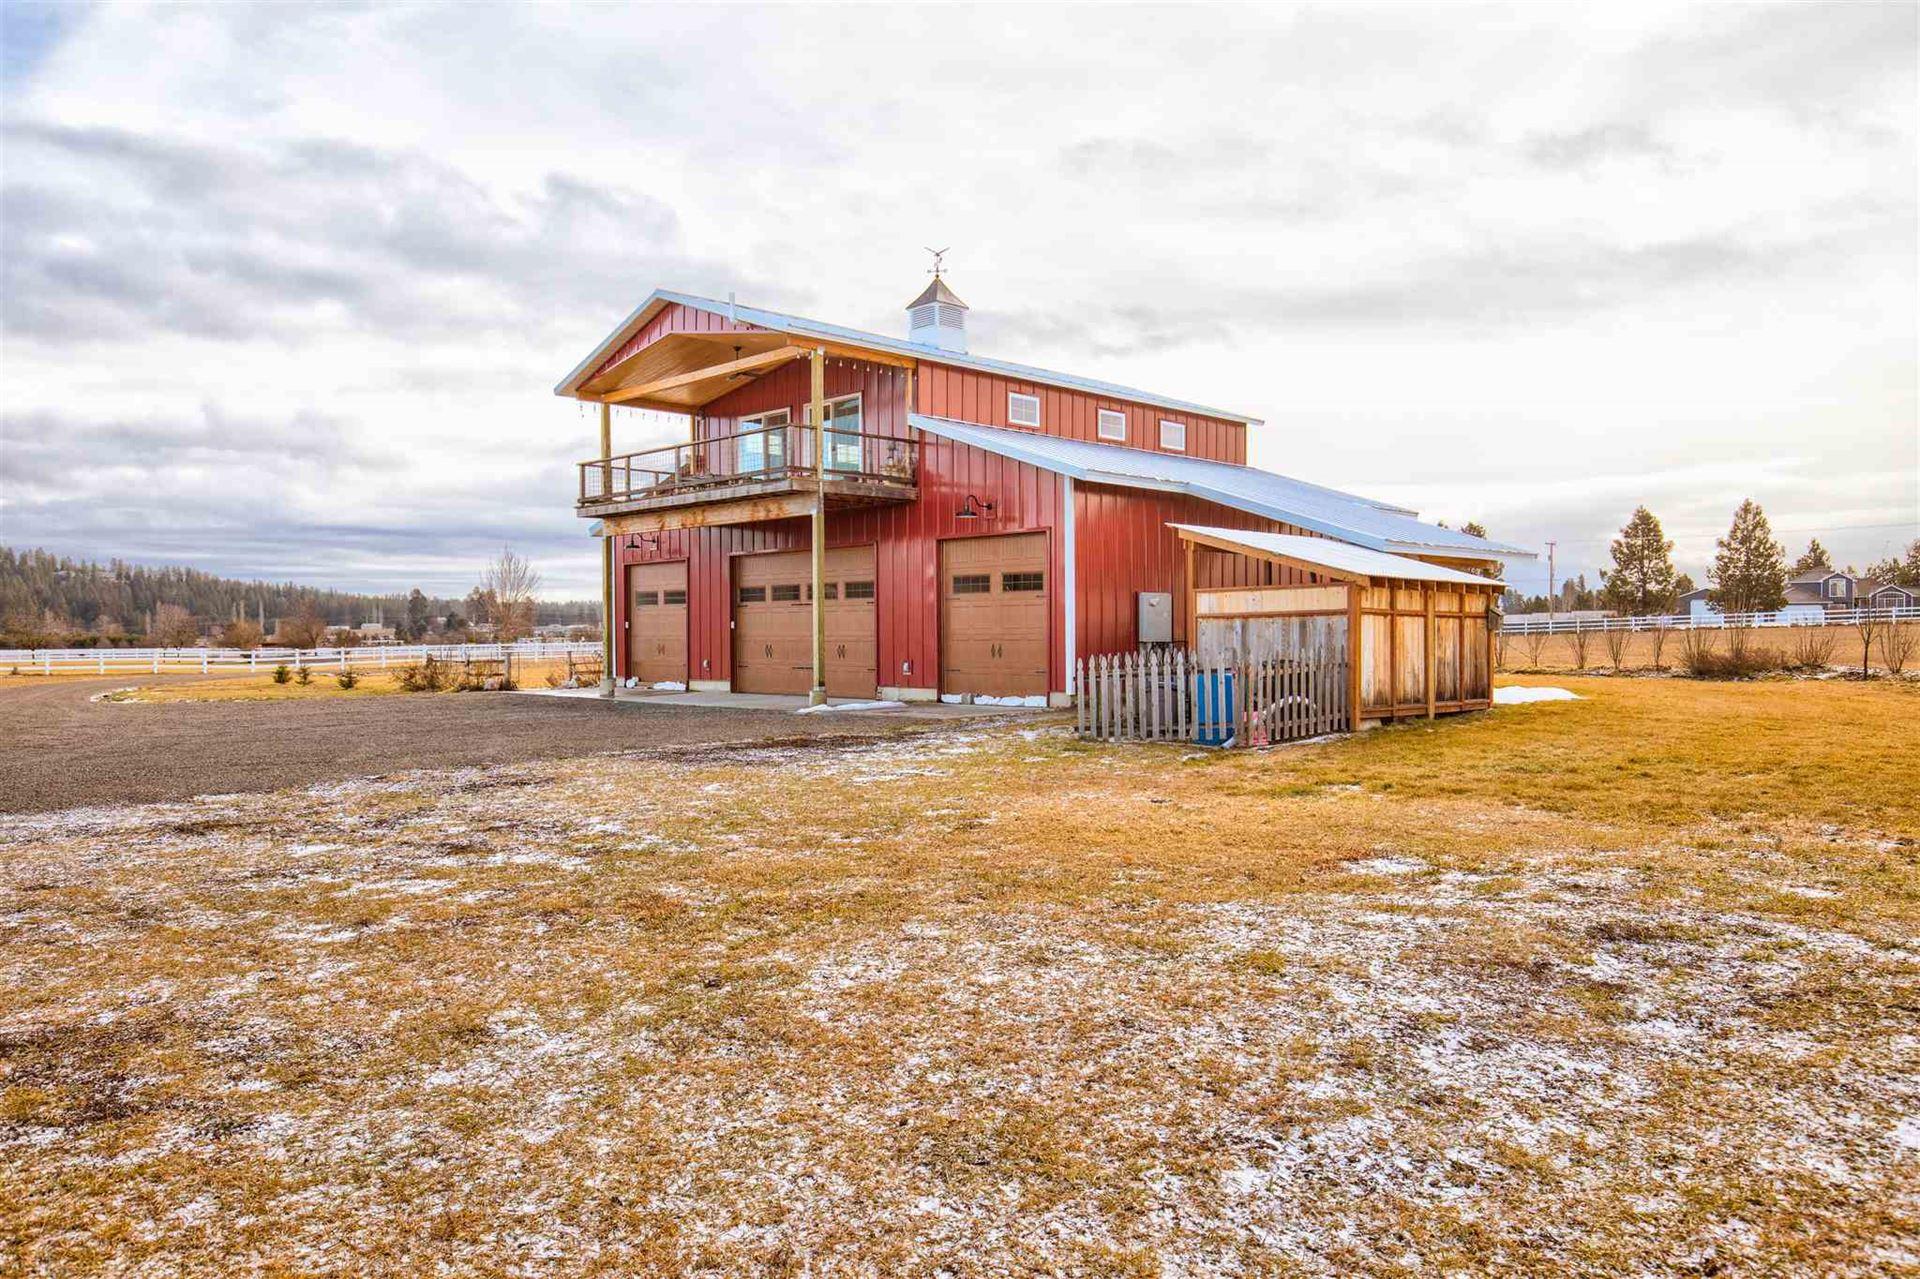 10208 N West Newman Lake Rd, Newman Lake, WA 99025 - #: 202111165